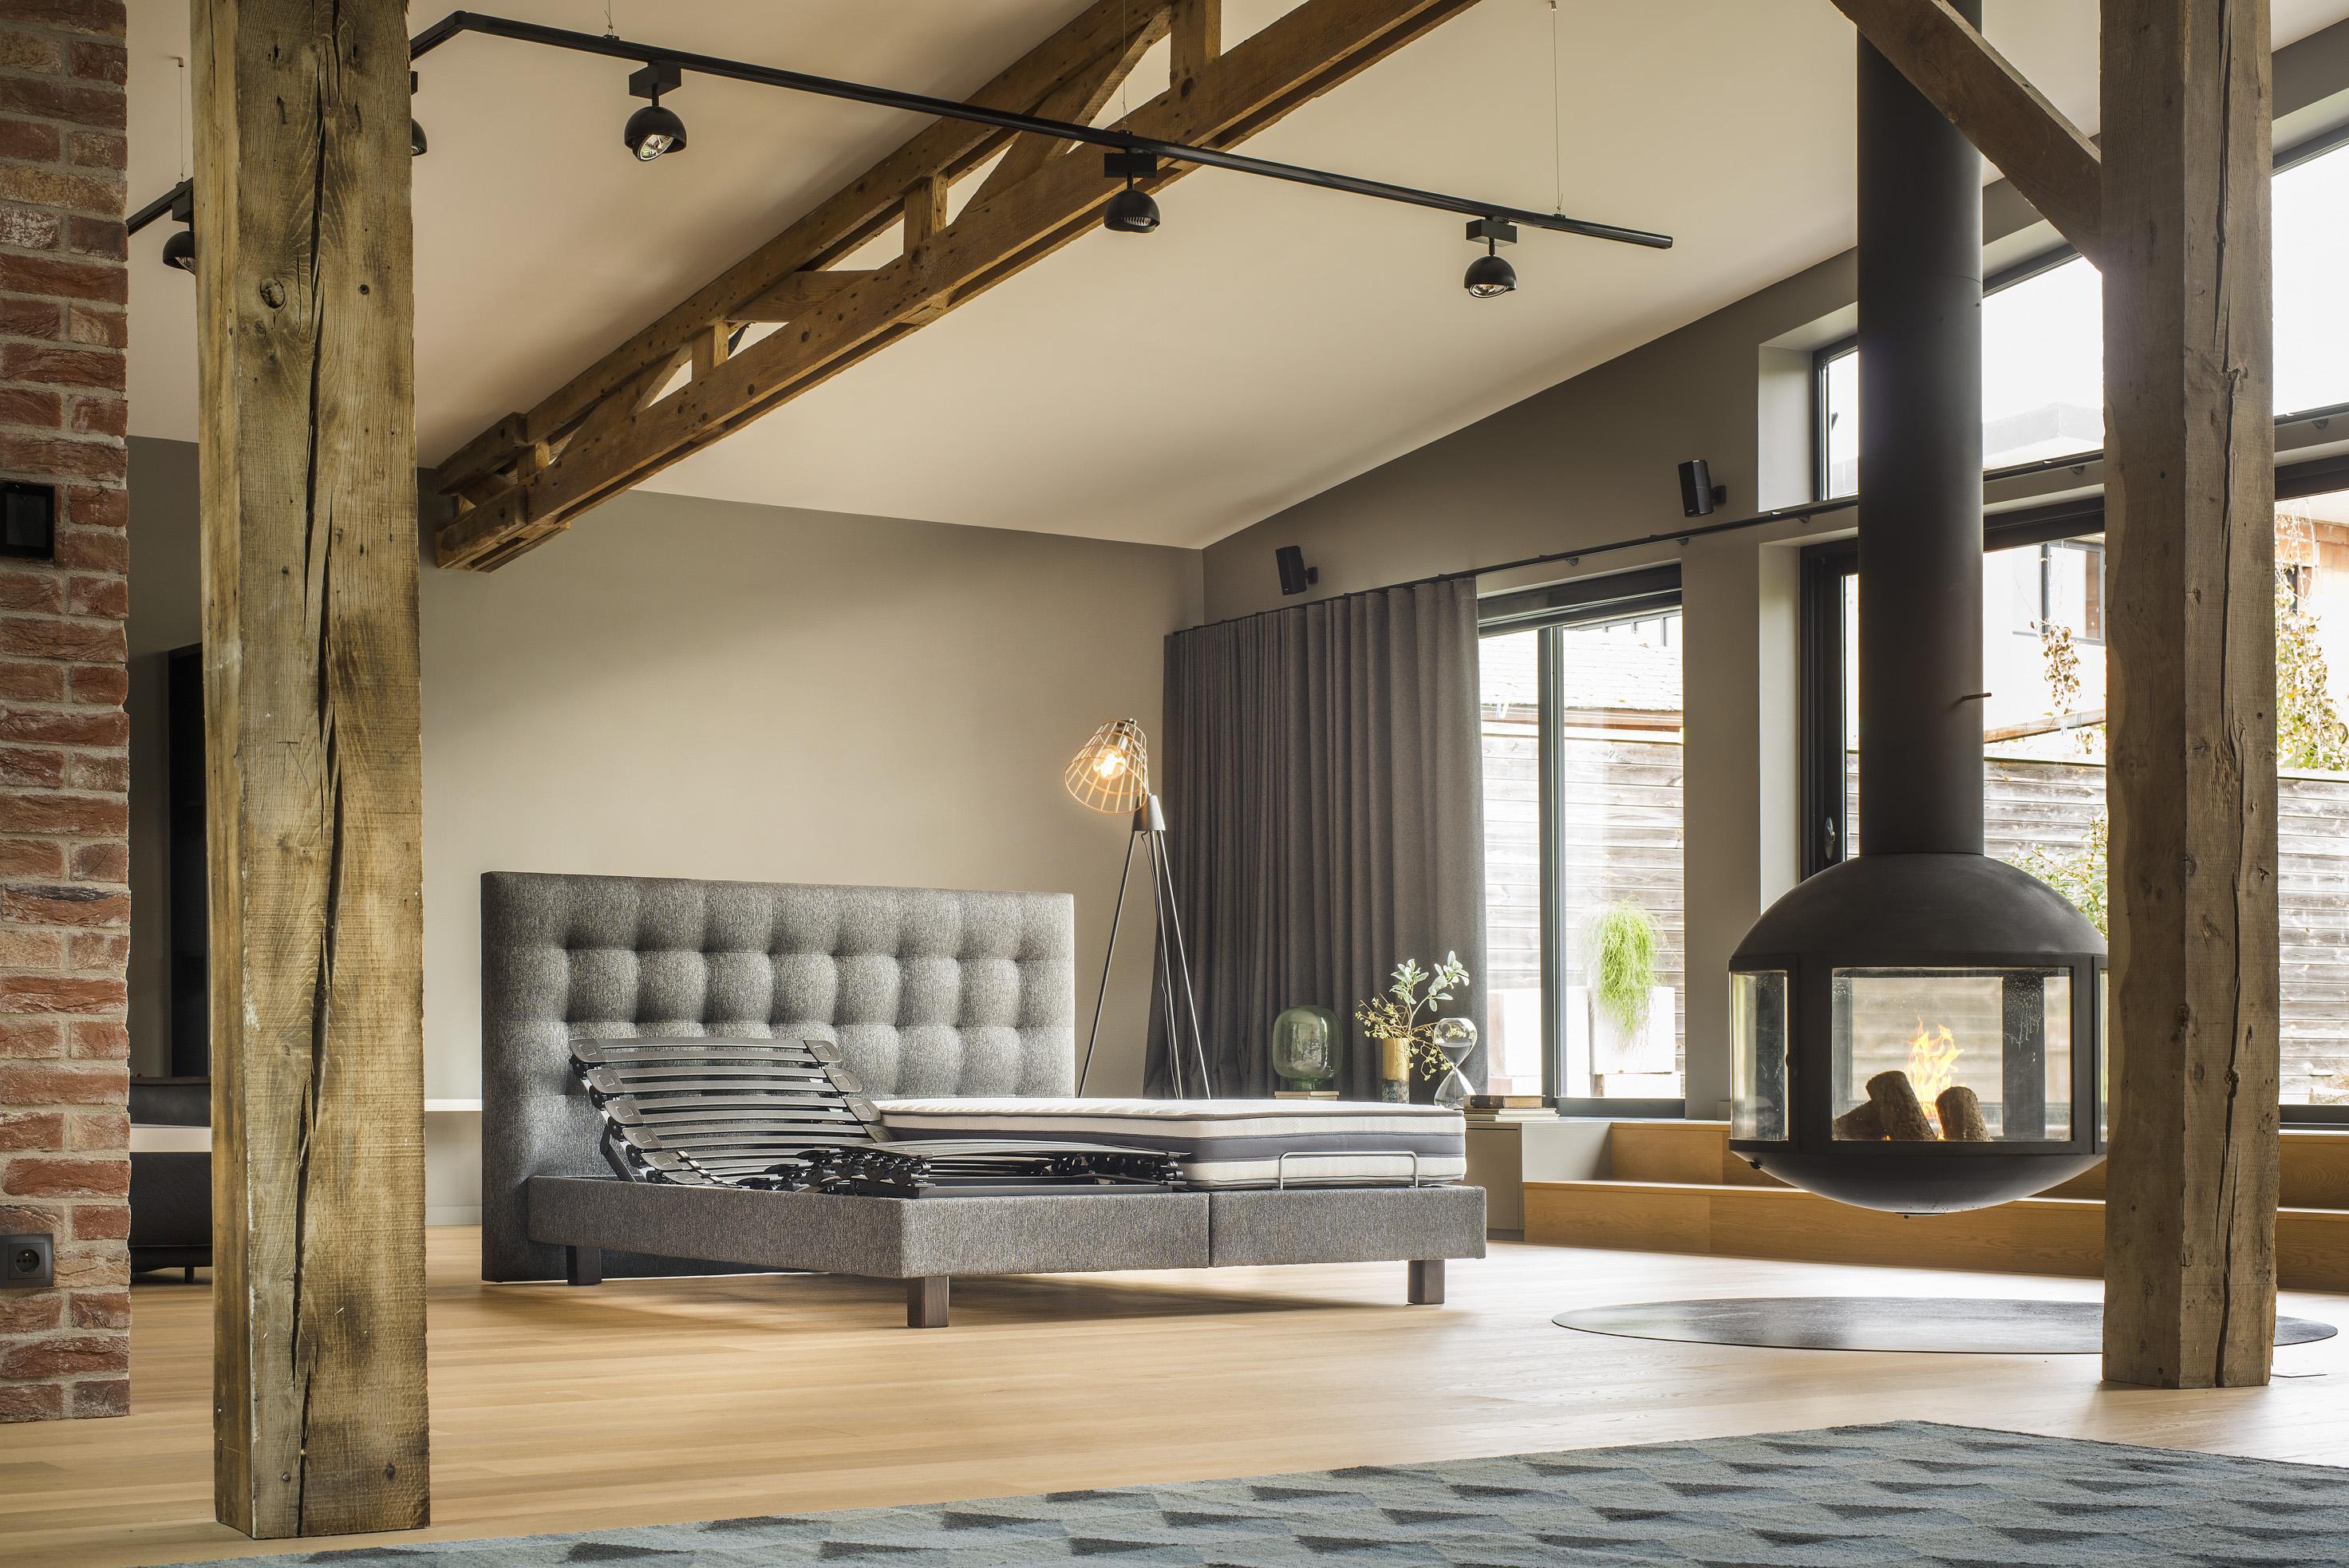 Pourquoi choisir un lit relaxation ?